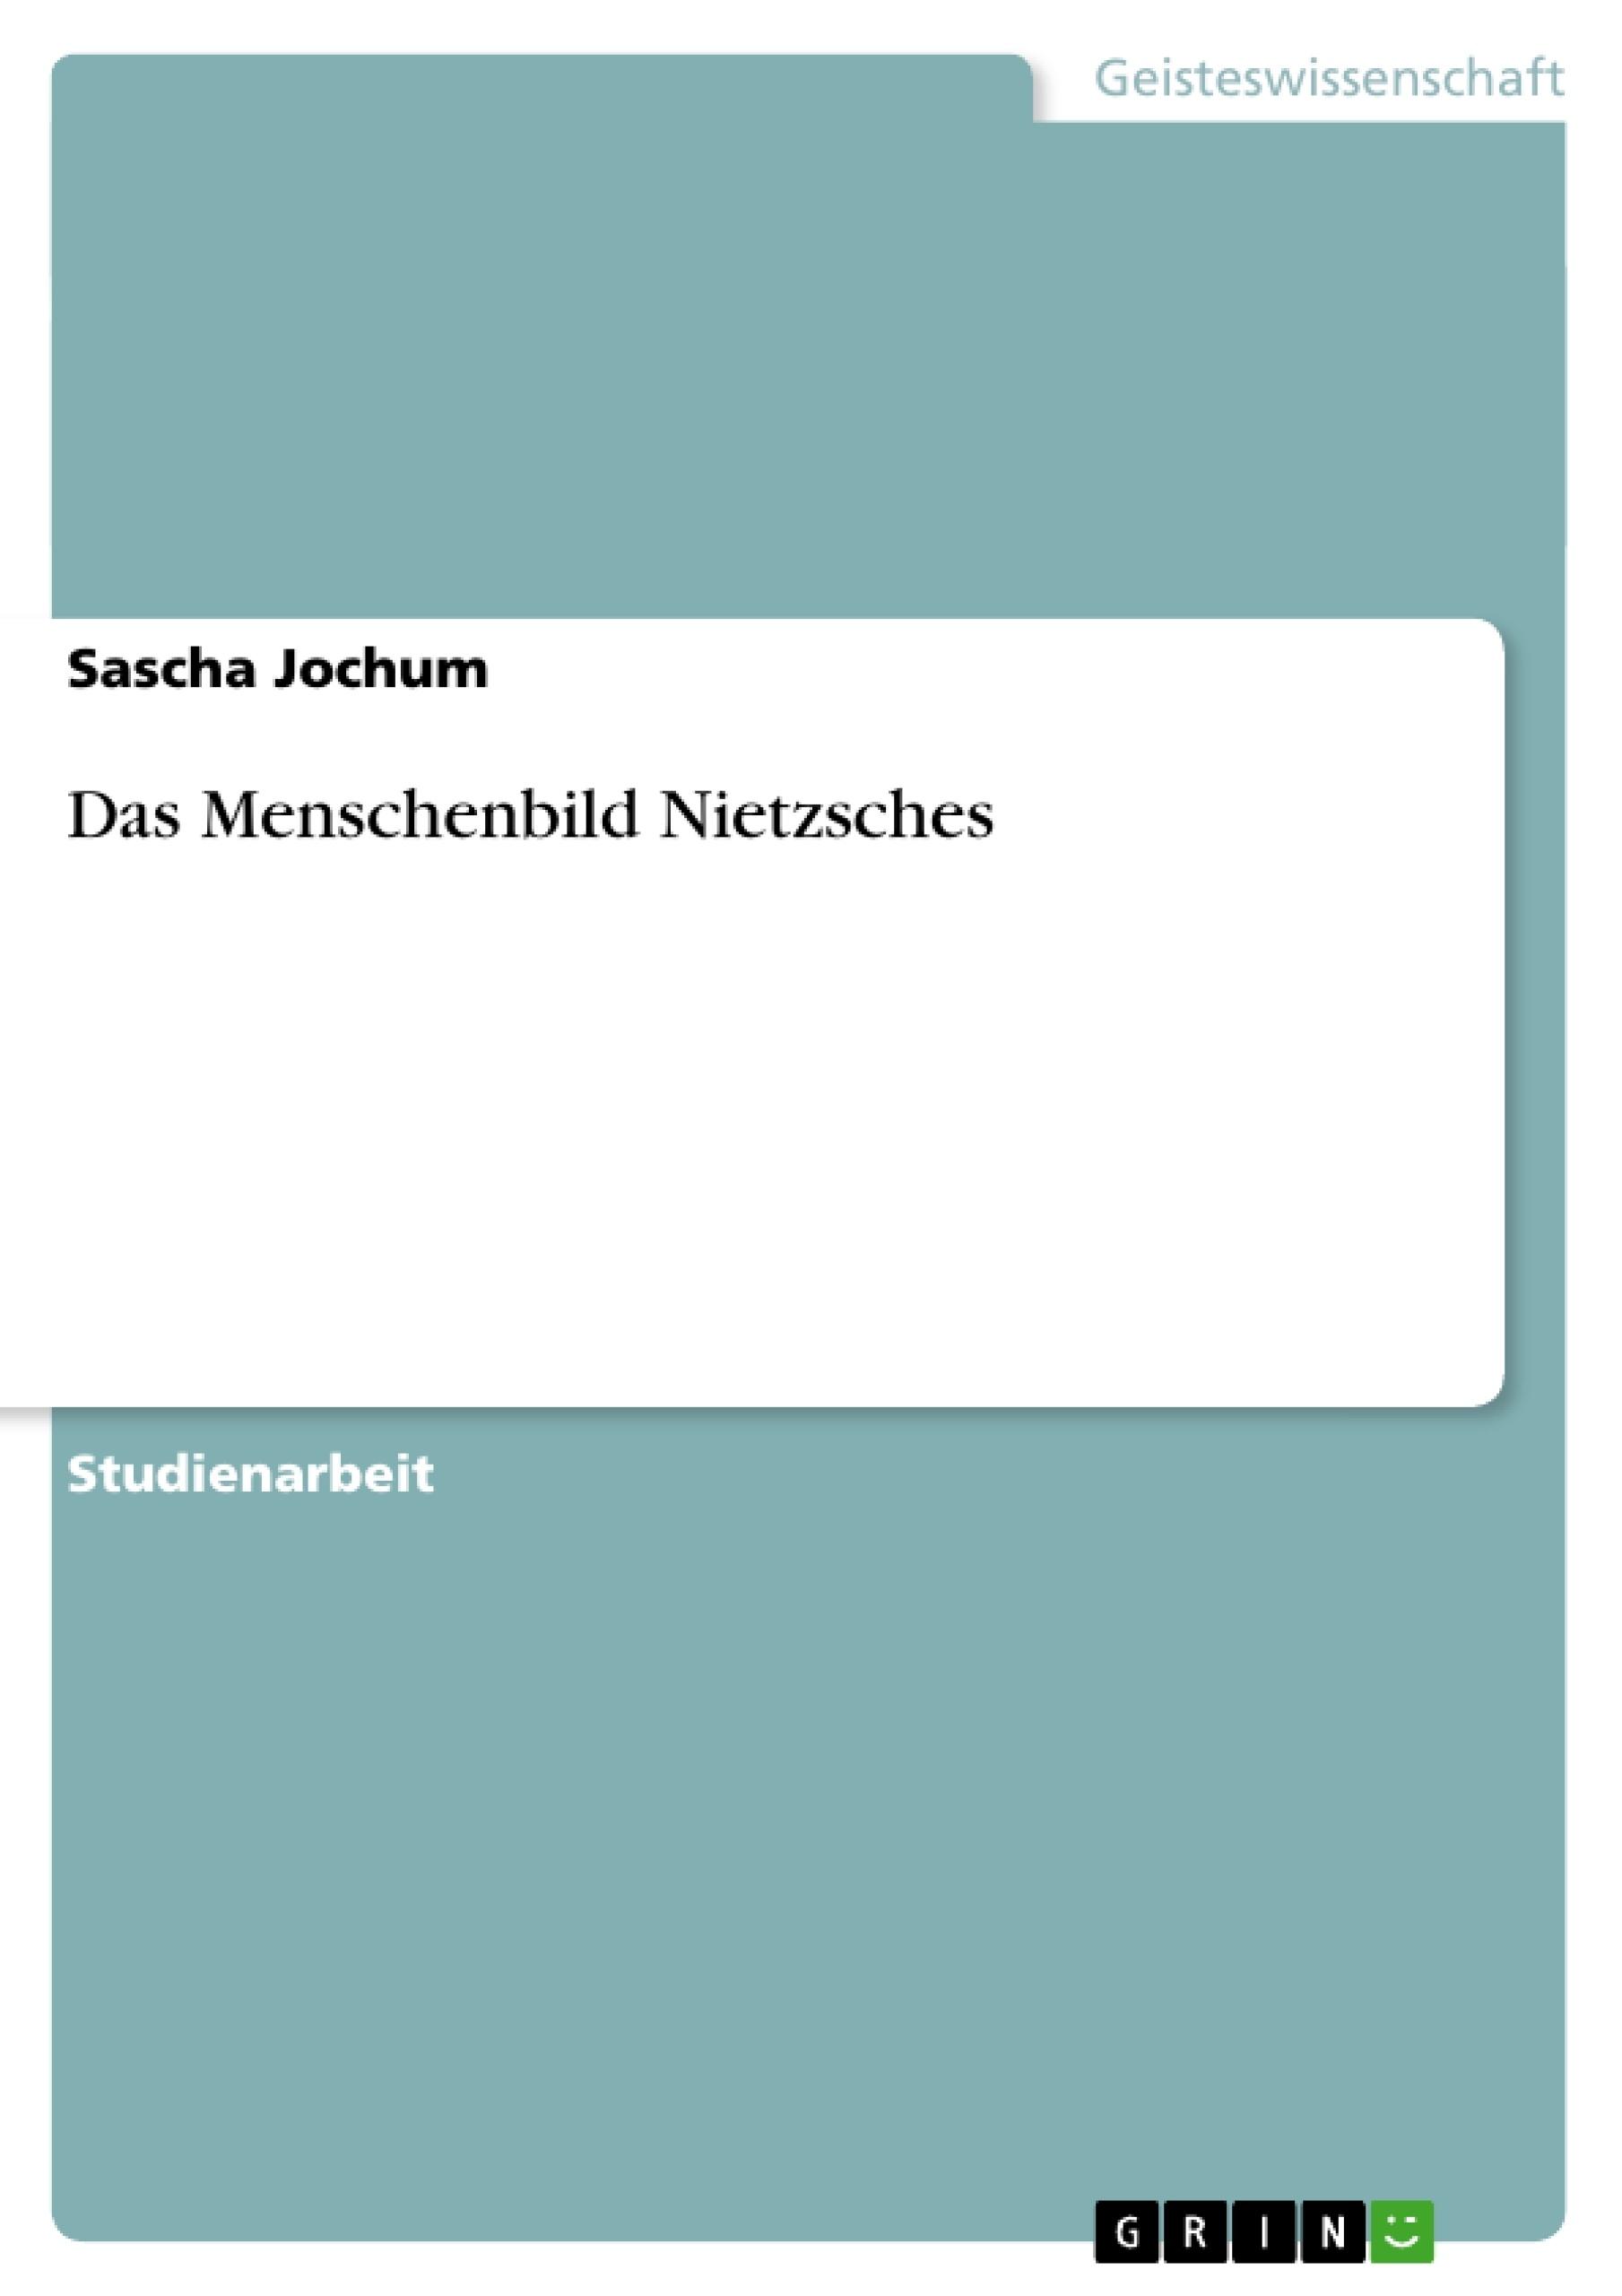 Titel: Das Menschenbild Nietzsches